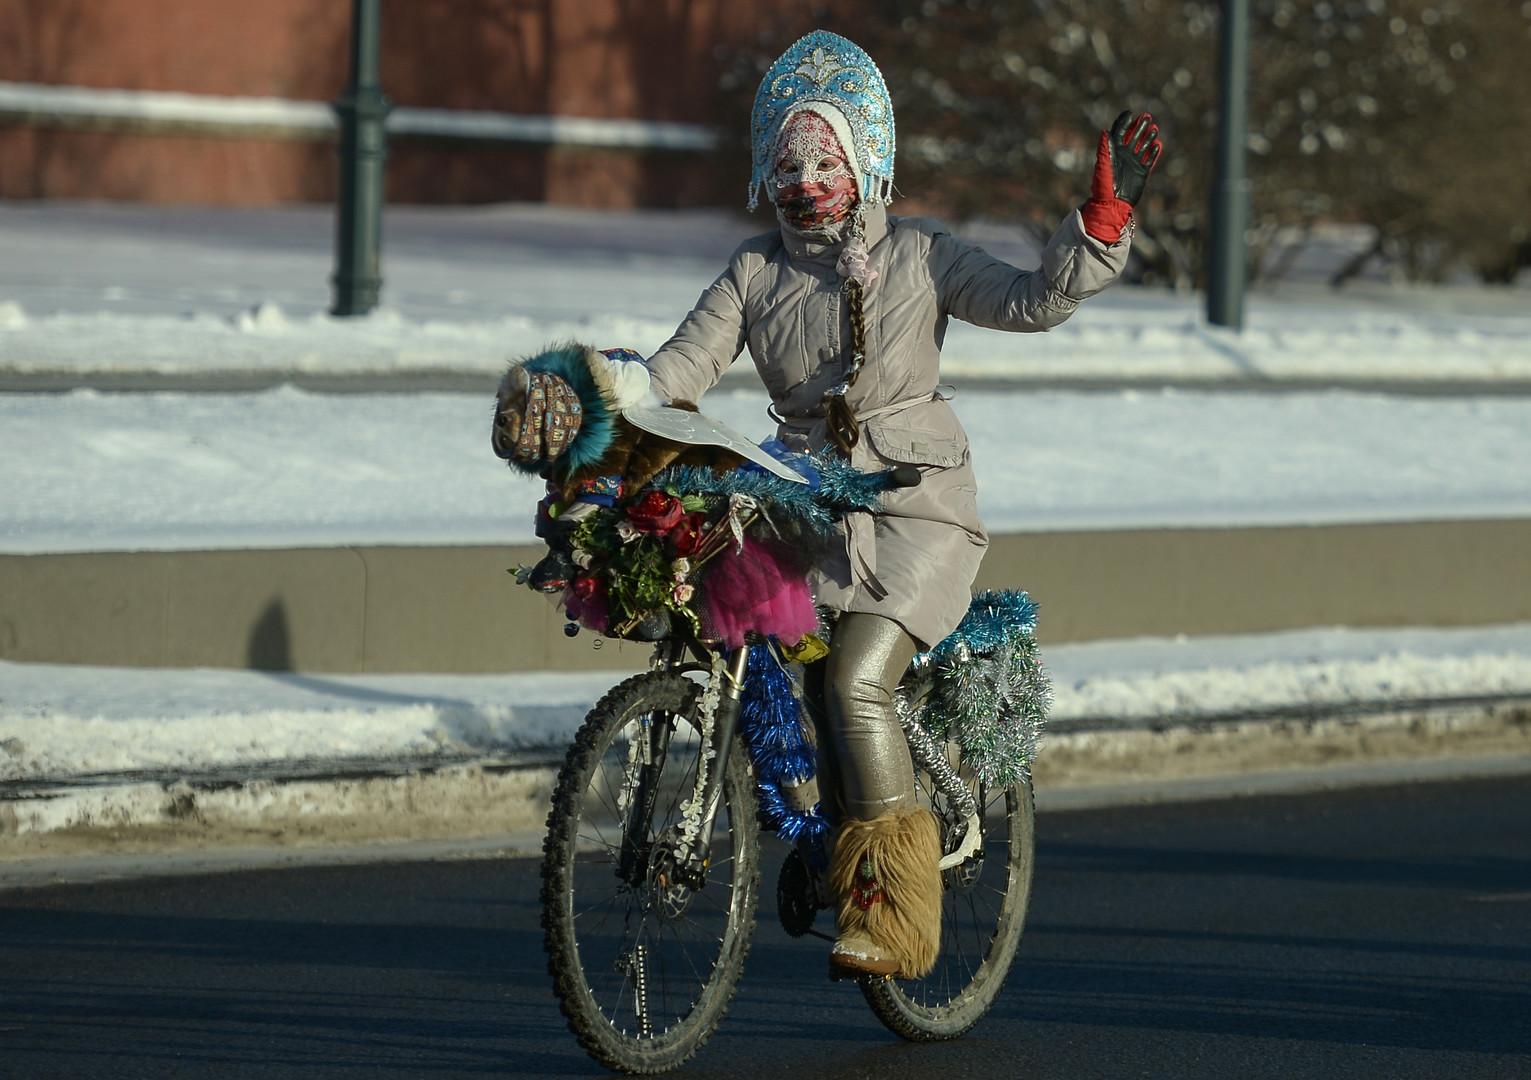 Winterliche Radparade in Moskau mit mehr als 500 Teilnehmern